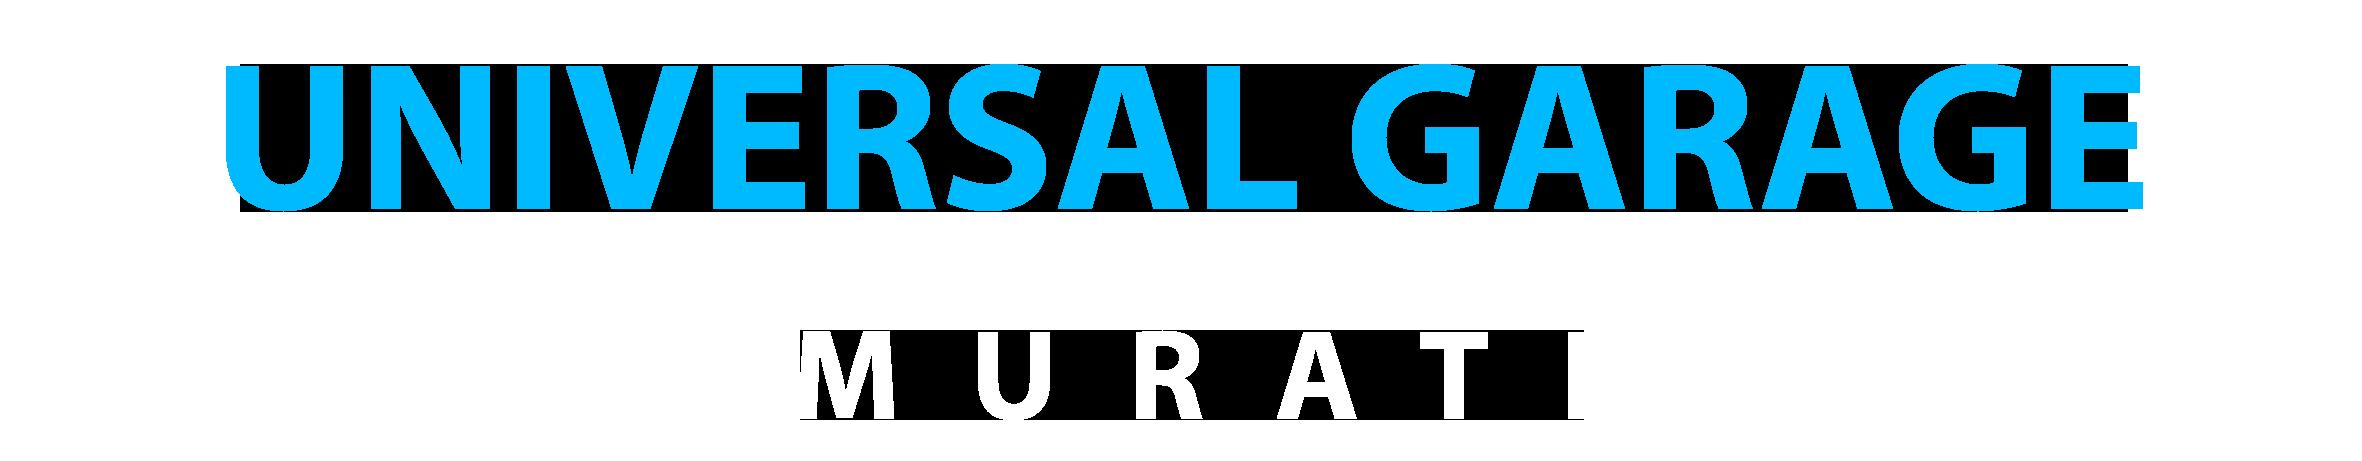 Universal Garage